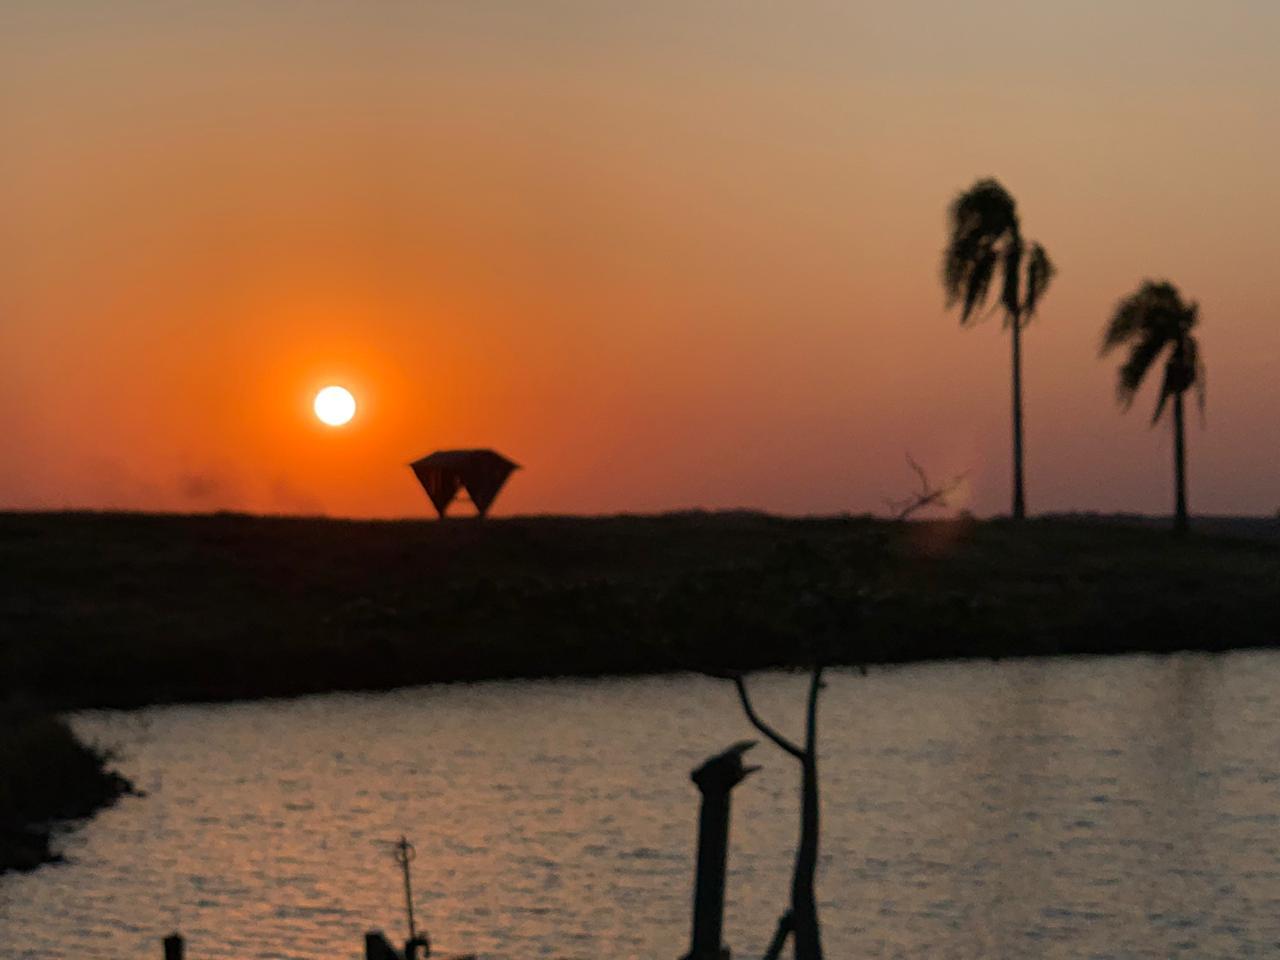 Foto em Campo Erê (SC). Envio do engenheiro agrônomo Fernando Boni